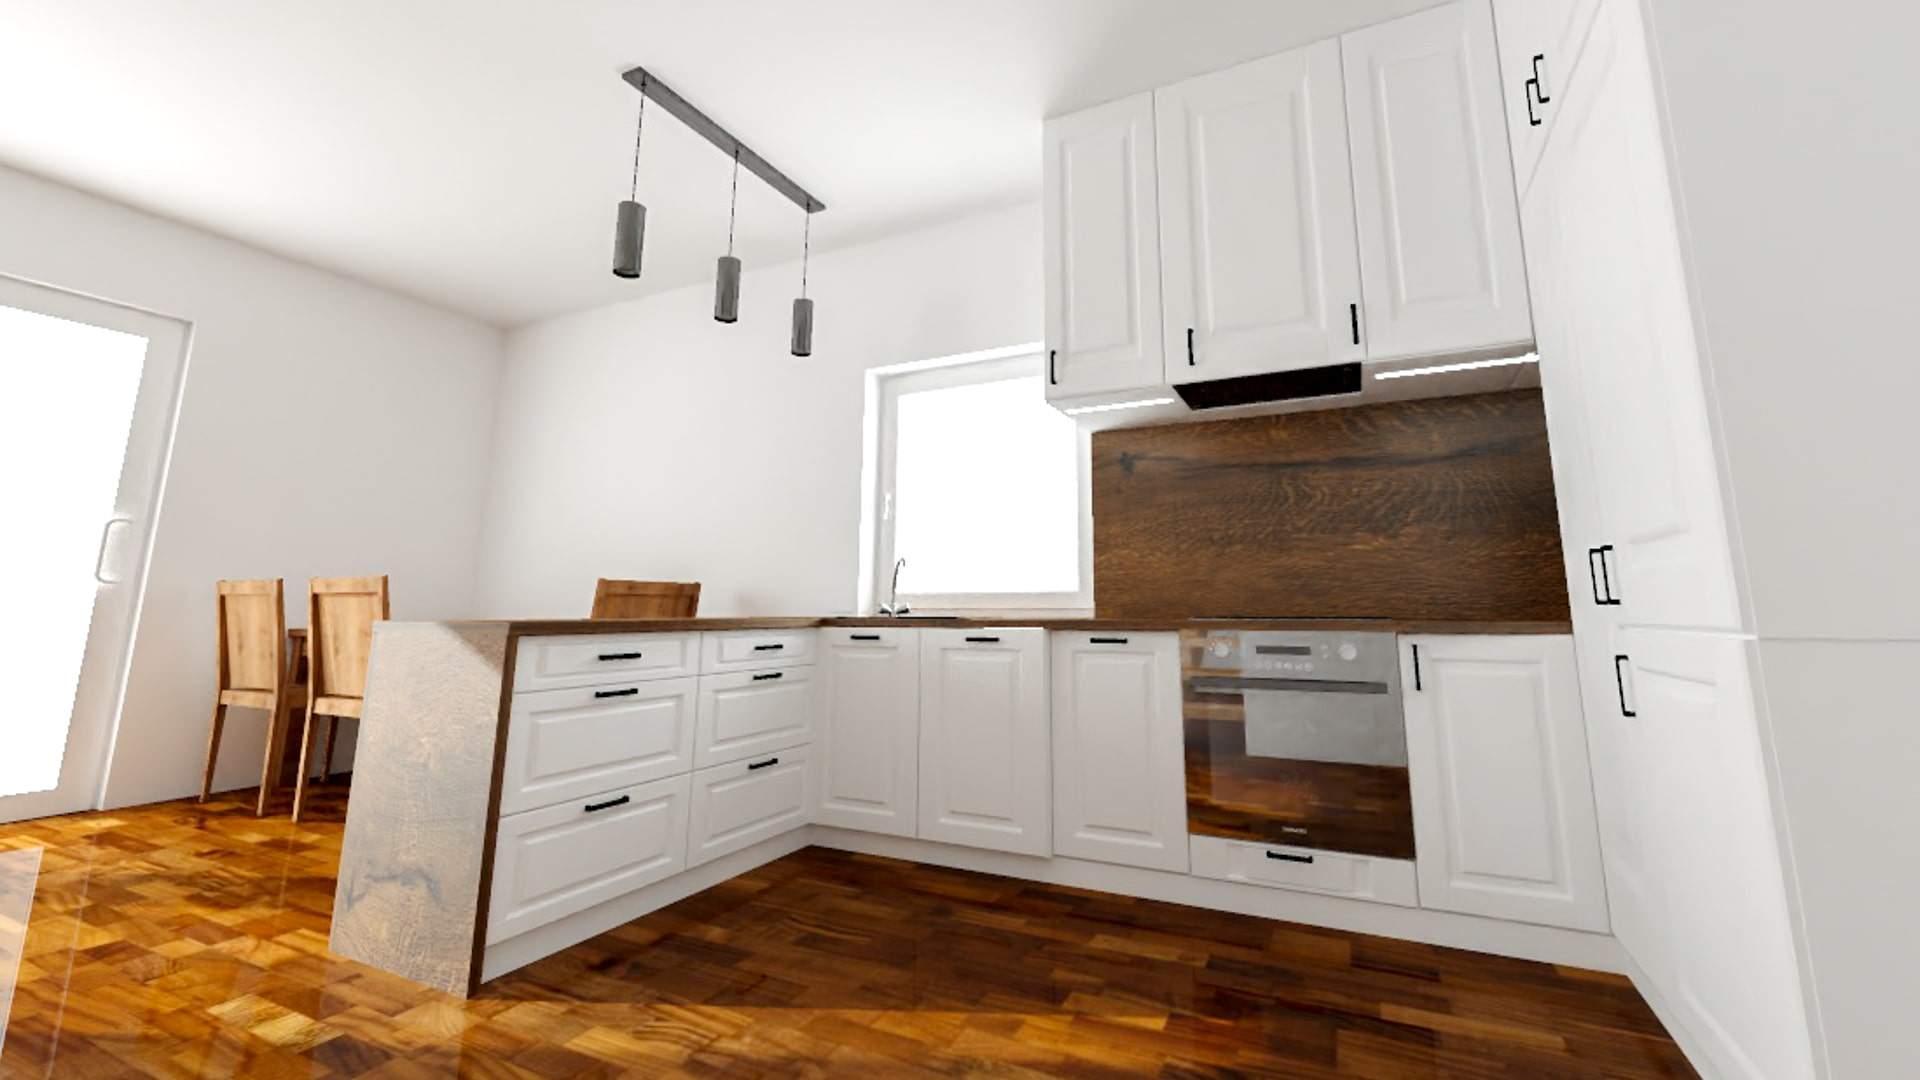 Projekt 3D białej kuchni ze wstawkami drewnianymi w domu jednorodzinnym